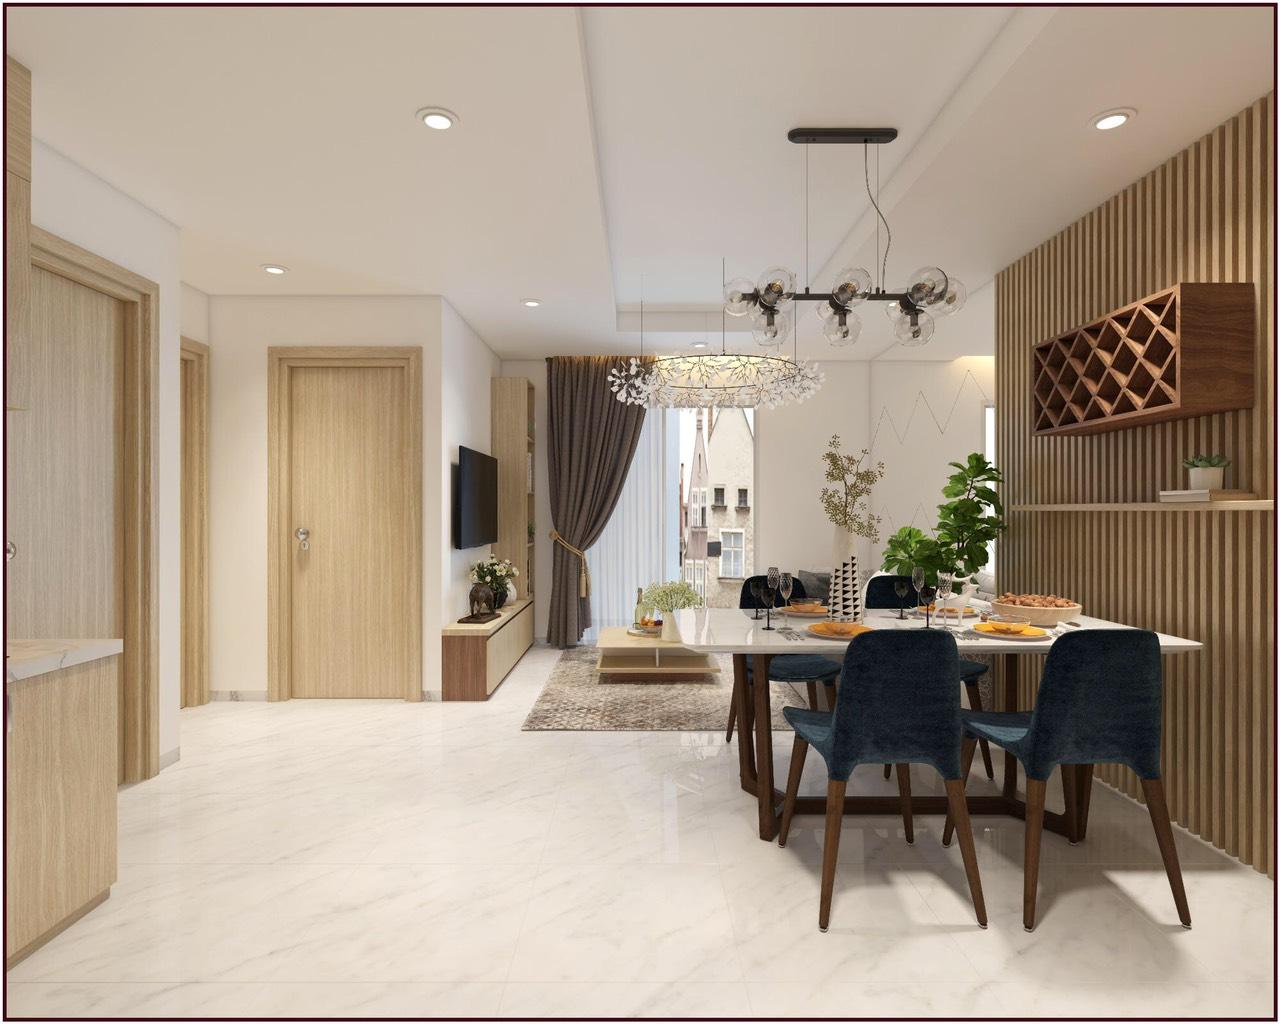 Phối cảnh căn hộ số 1 dự án căn hộ chung cư Happy Sky Nha Trang